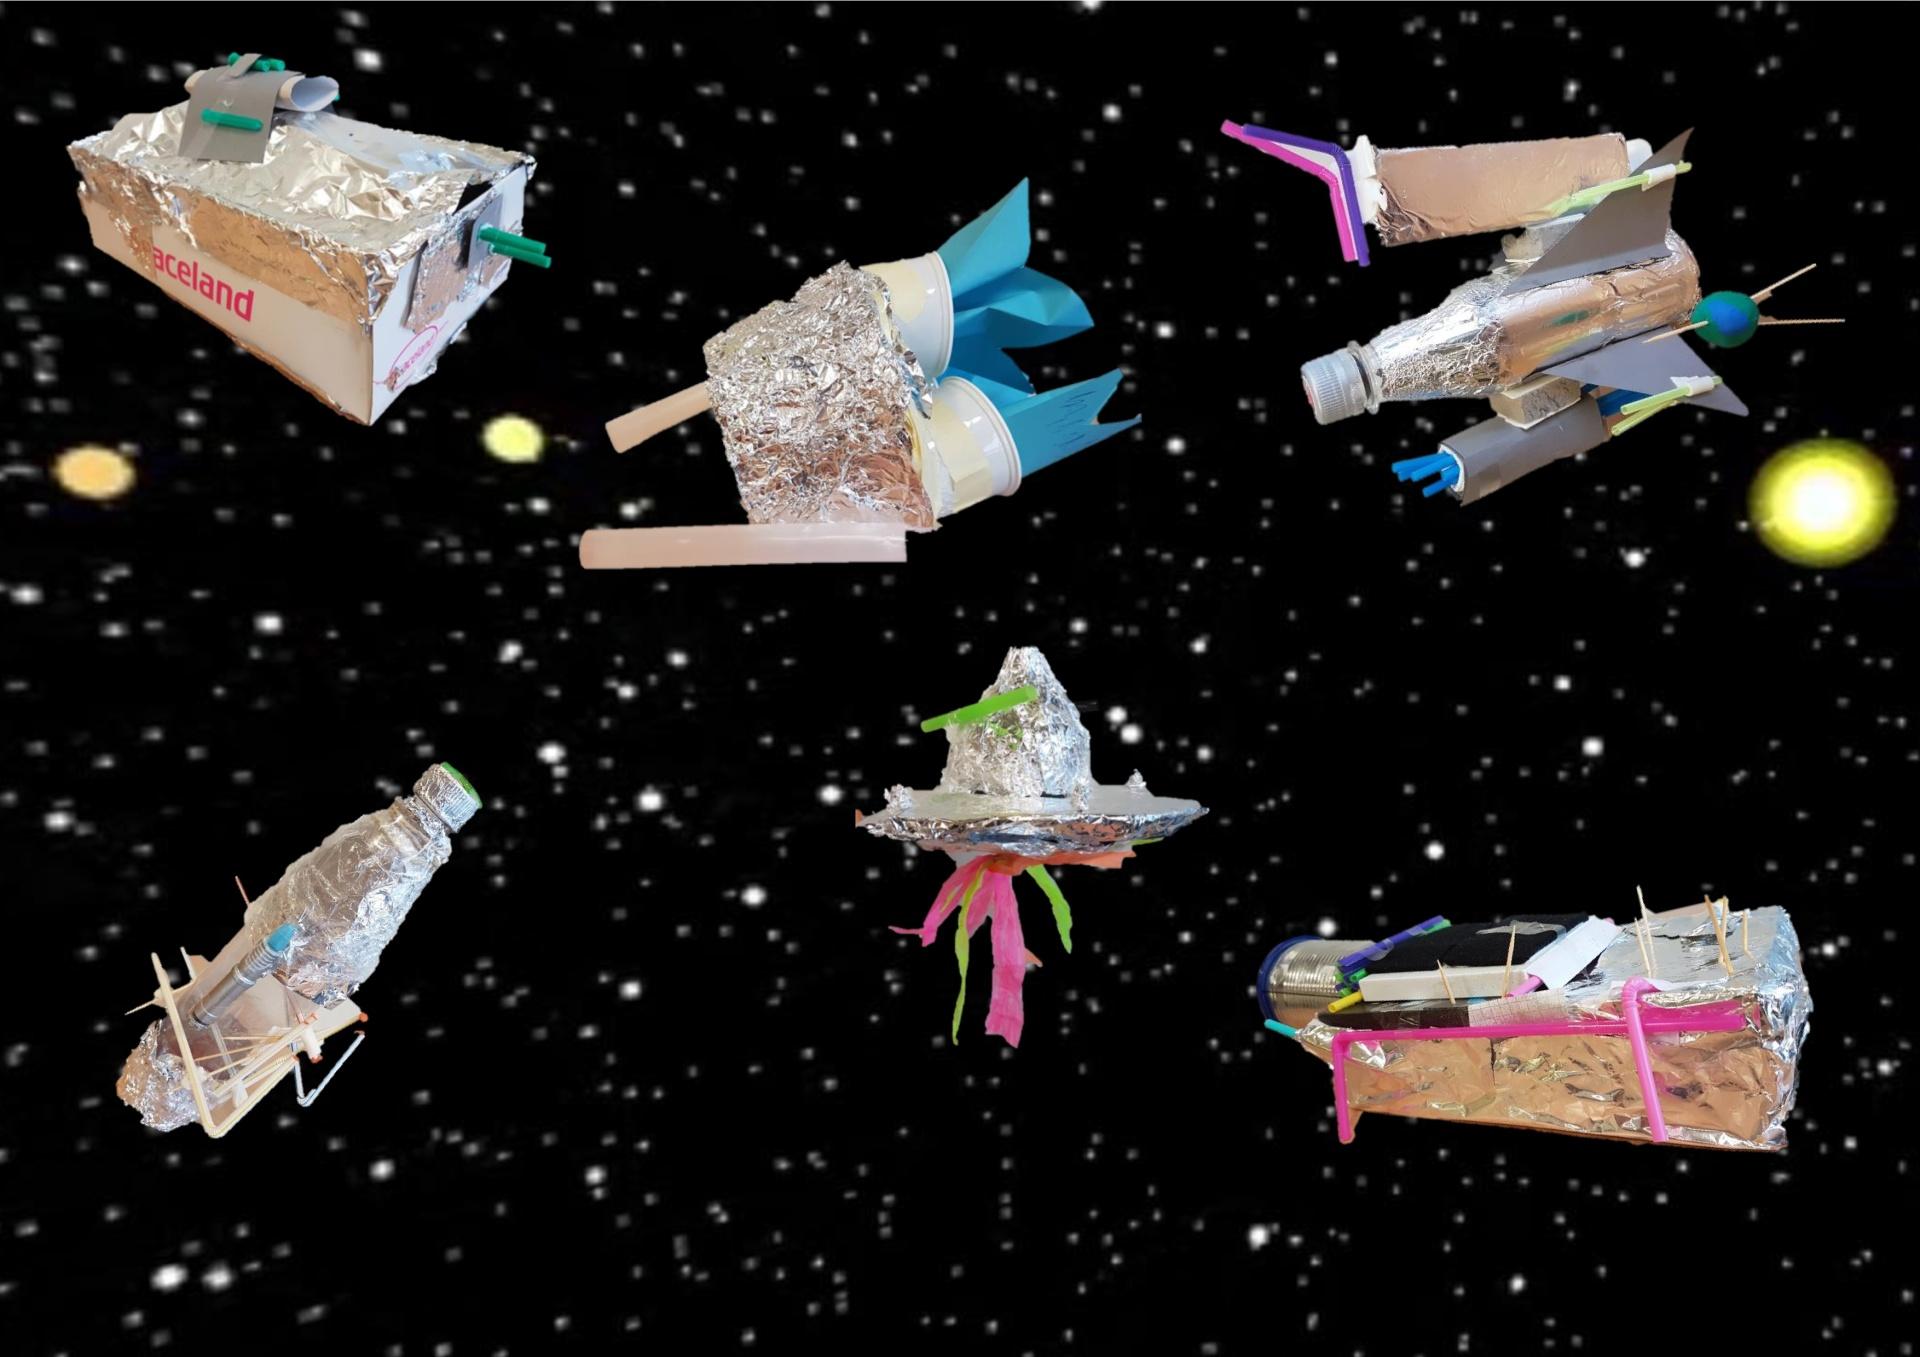 Raumschiffe 1